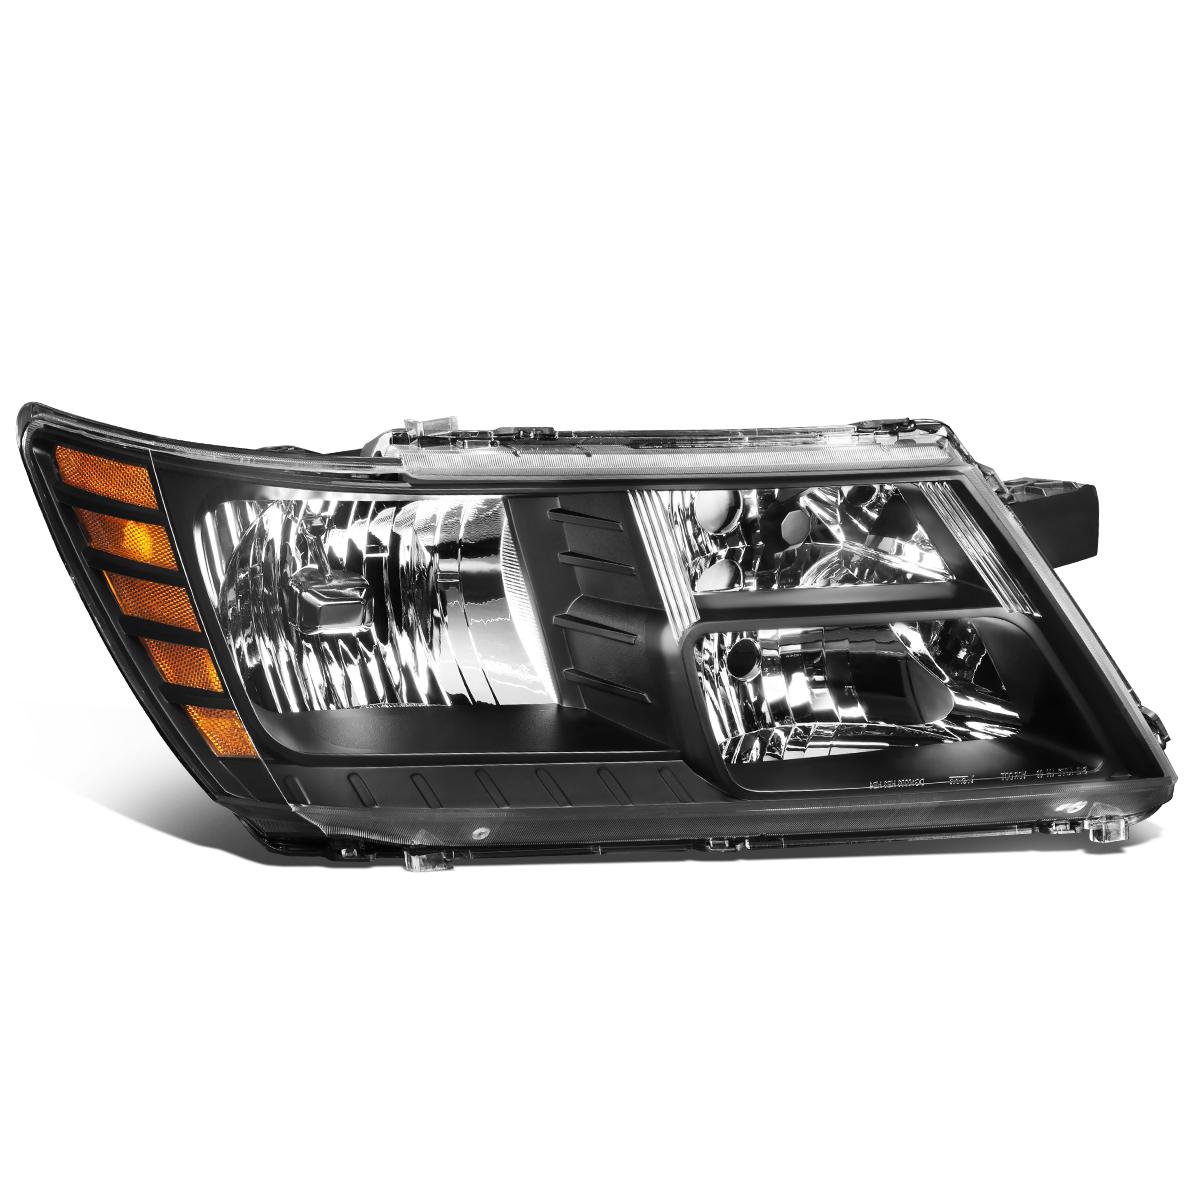 DNA Motoring OEM-HL-0109-R Right Passenger Side Factory Style Headlight Lamp,Black